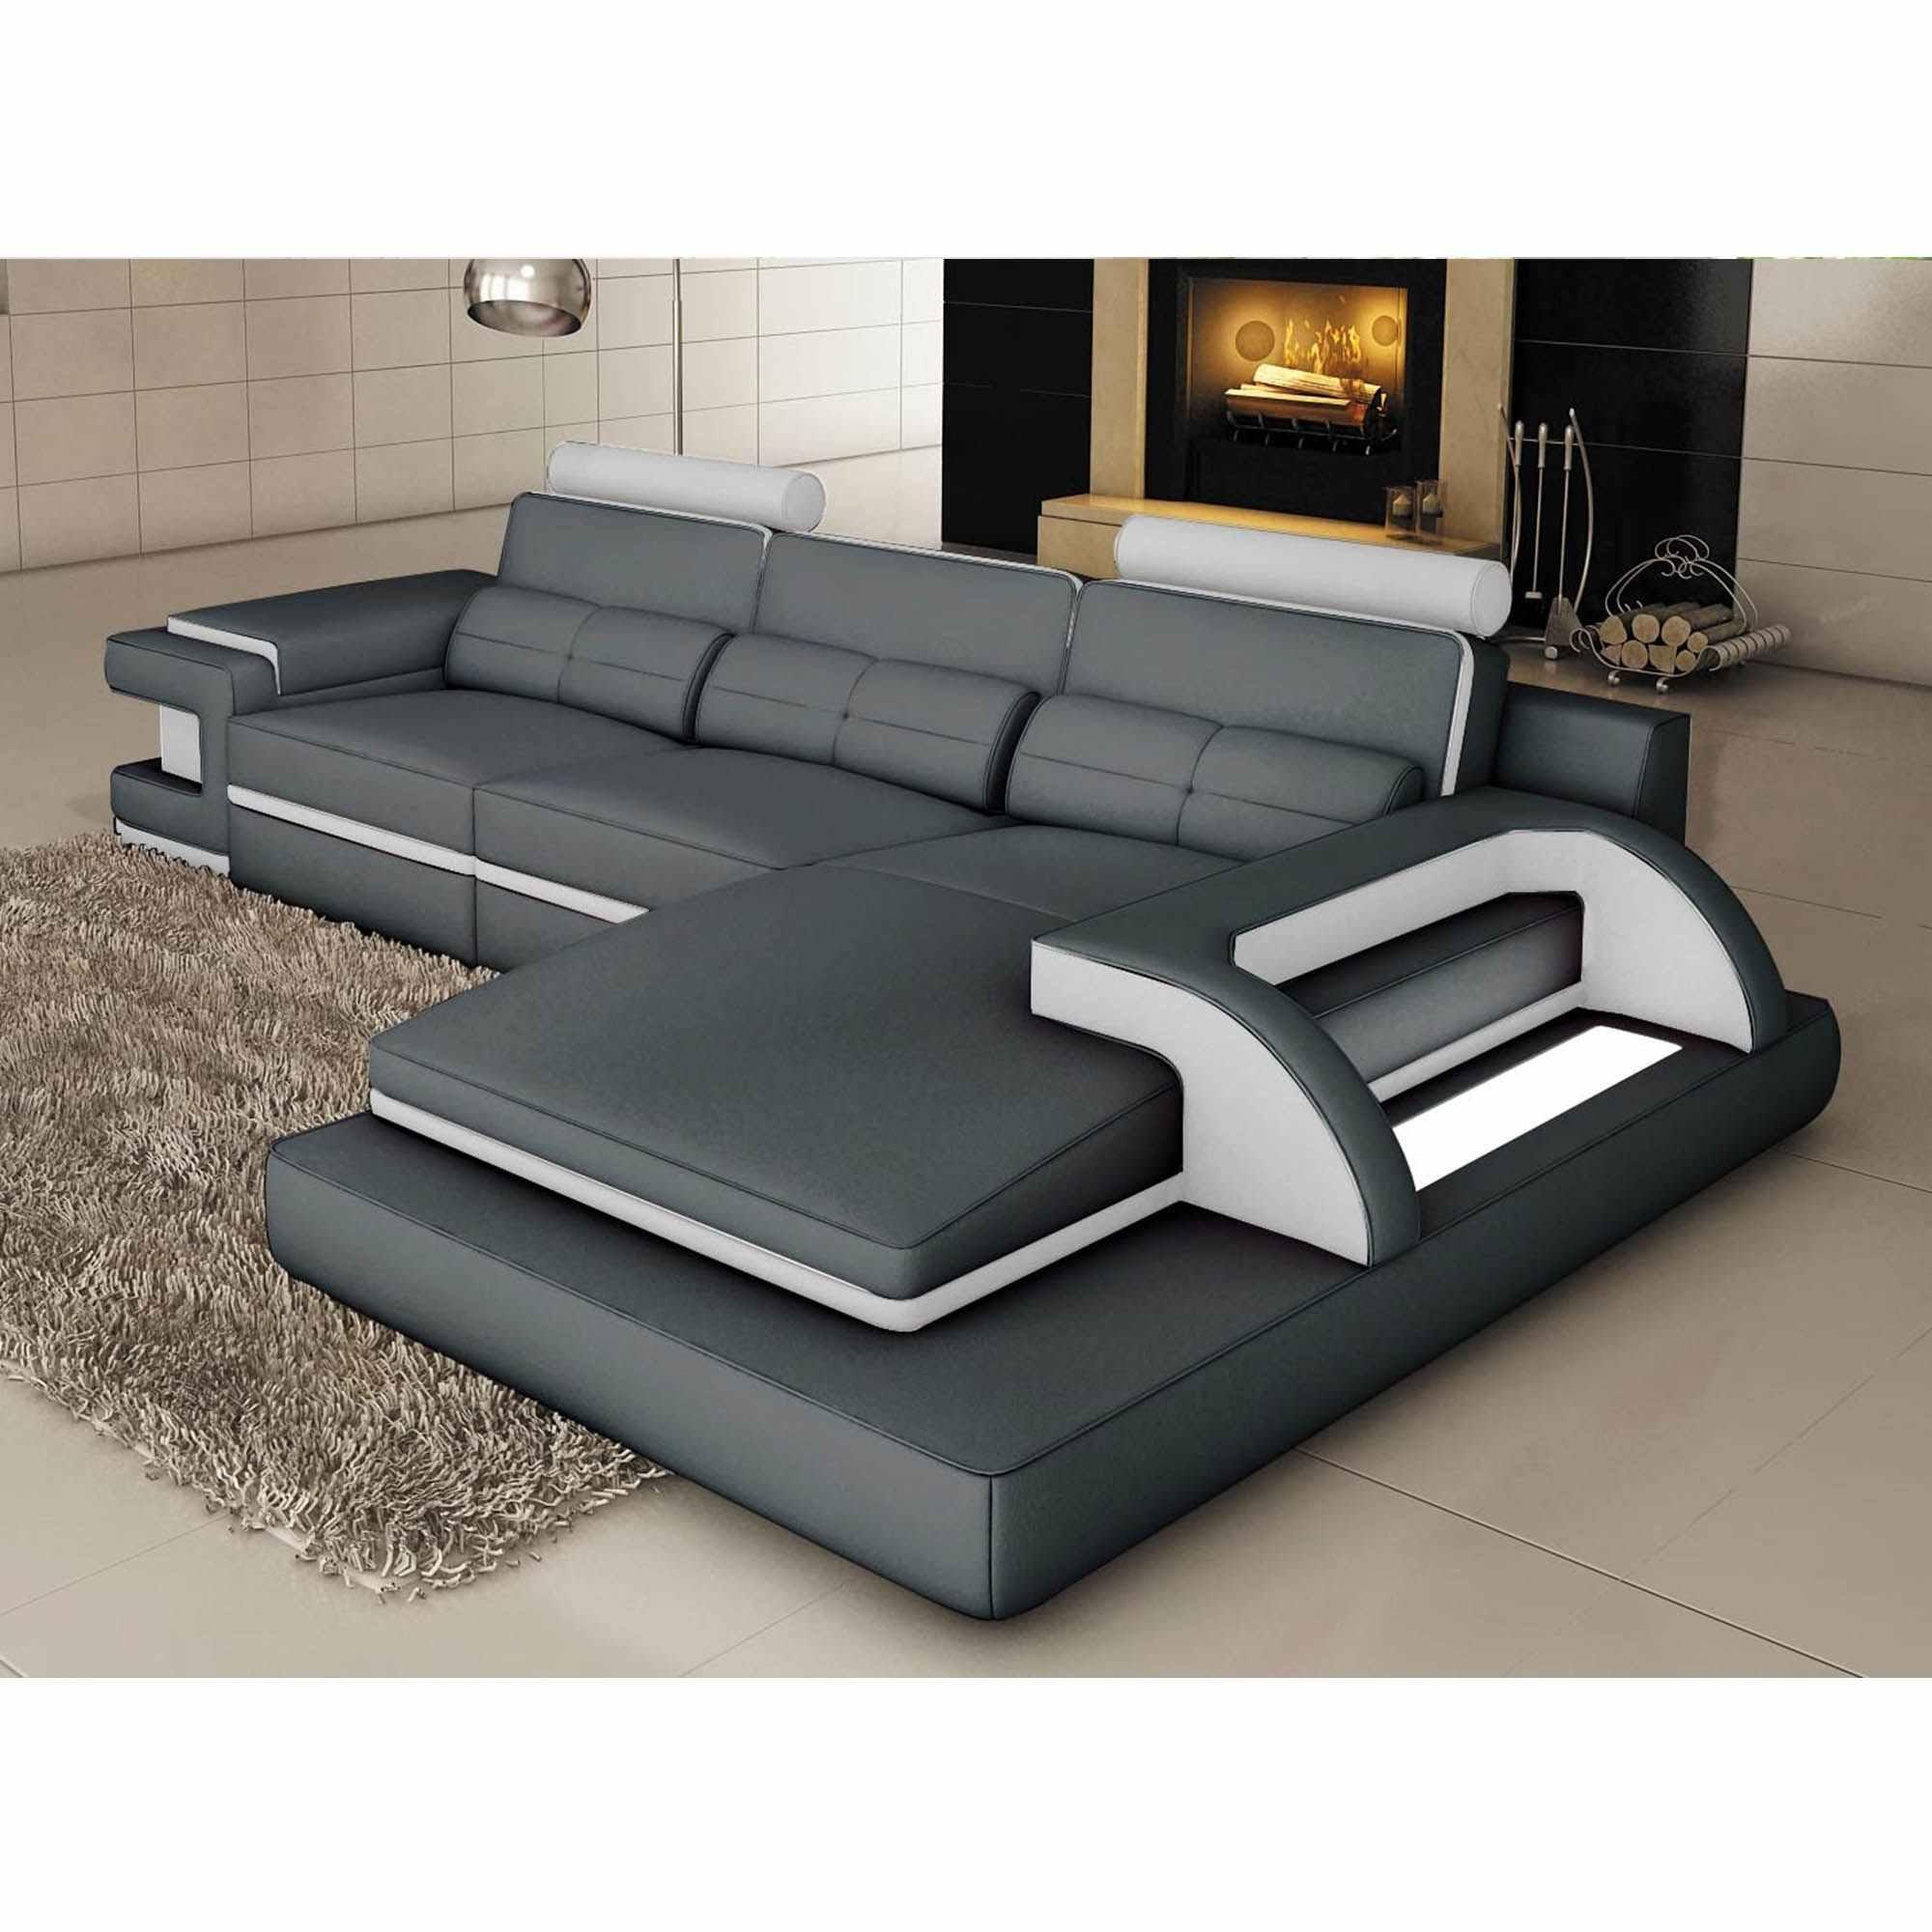 Canapé D'angle Cuir Gris Et Blanc Design Avec Lumière Ibiza - Angle Droit à Canape Gris Cuir